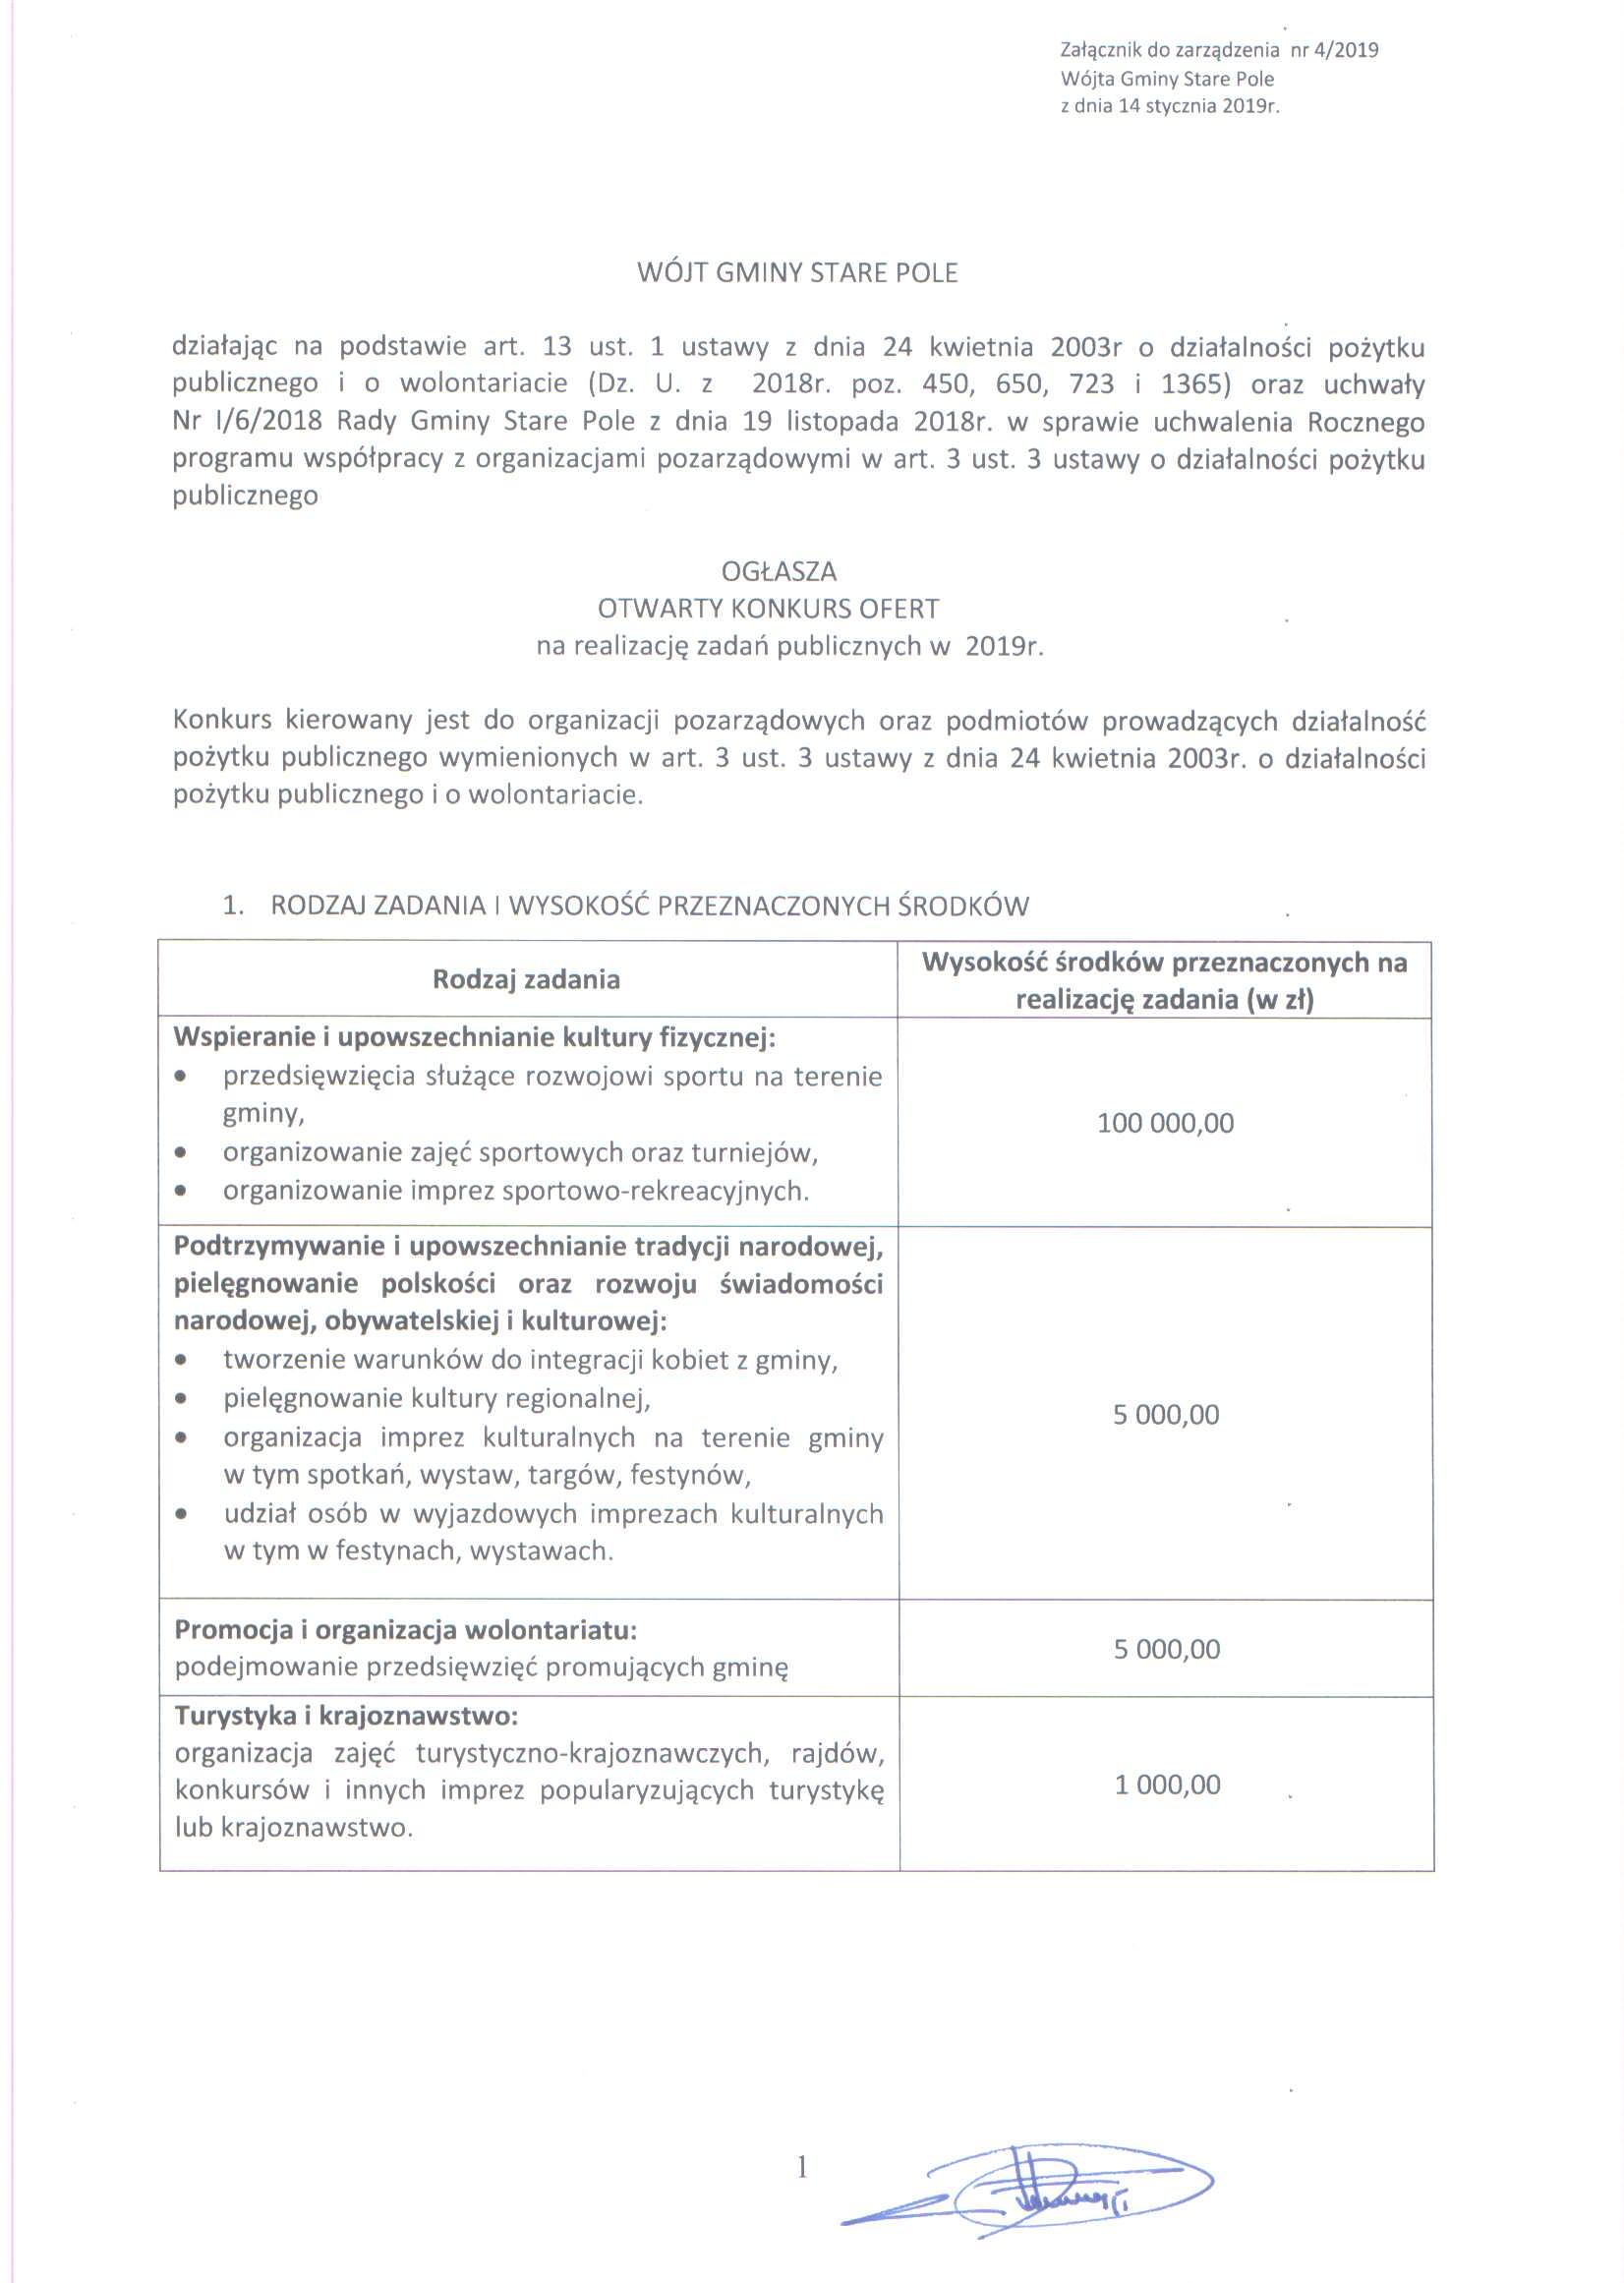 Ogłoszenie z dnia 14 stycznia 2019 r. o otwartym konkursie ofert - str. 1